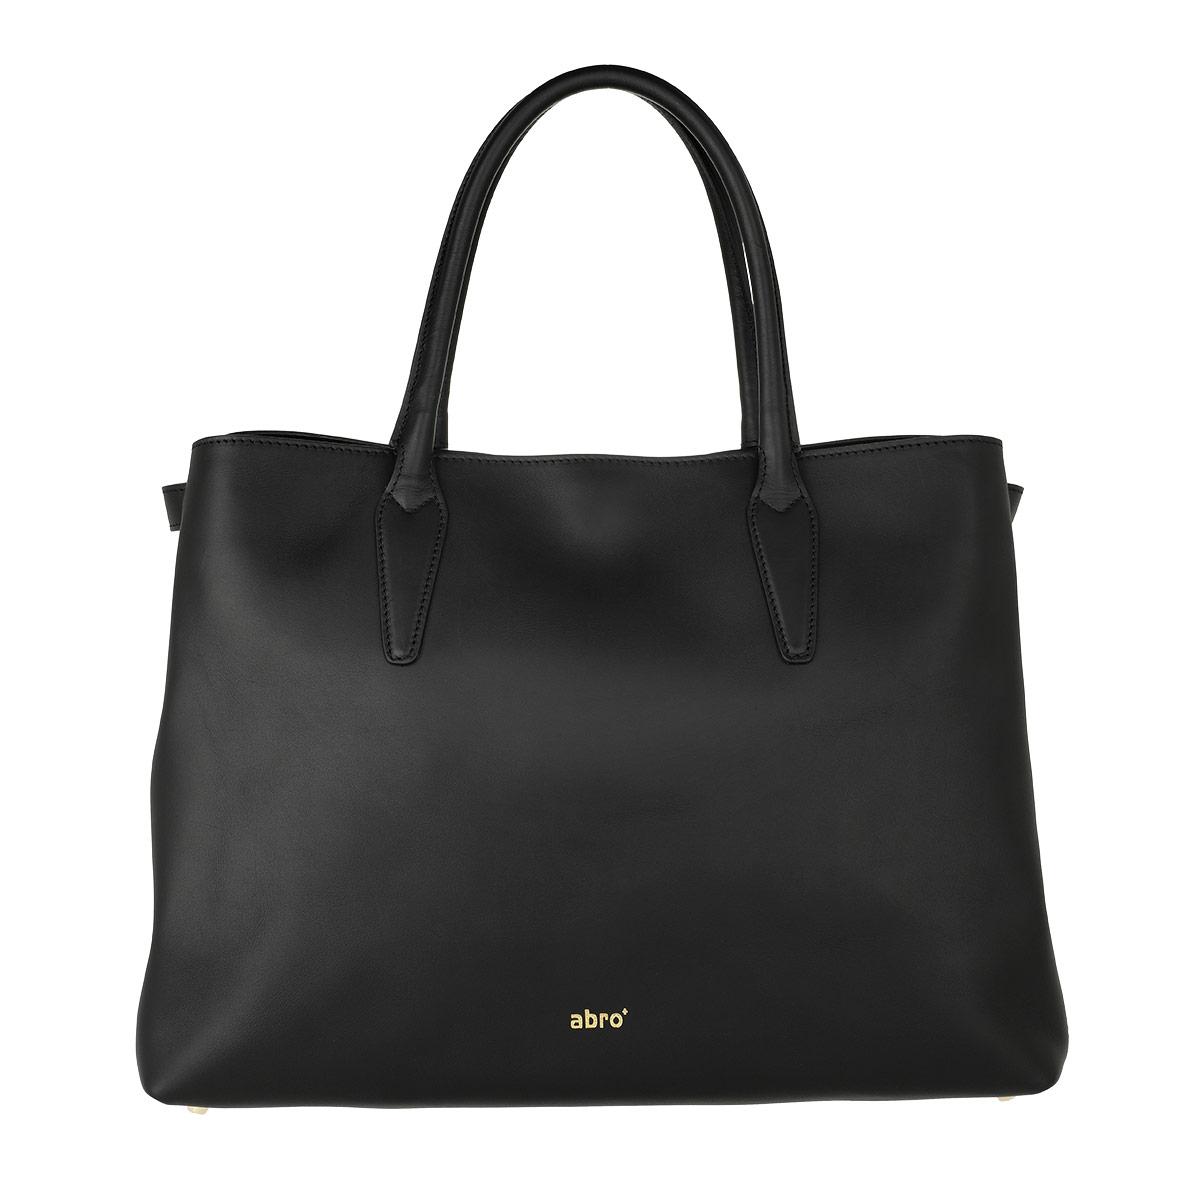 Abro Tote - Wonderland Shopping Bag Black - in schwarz - für Damen